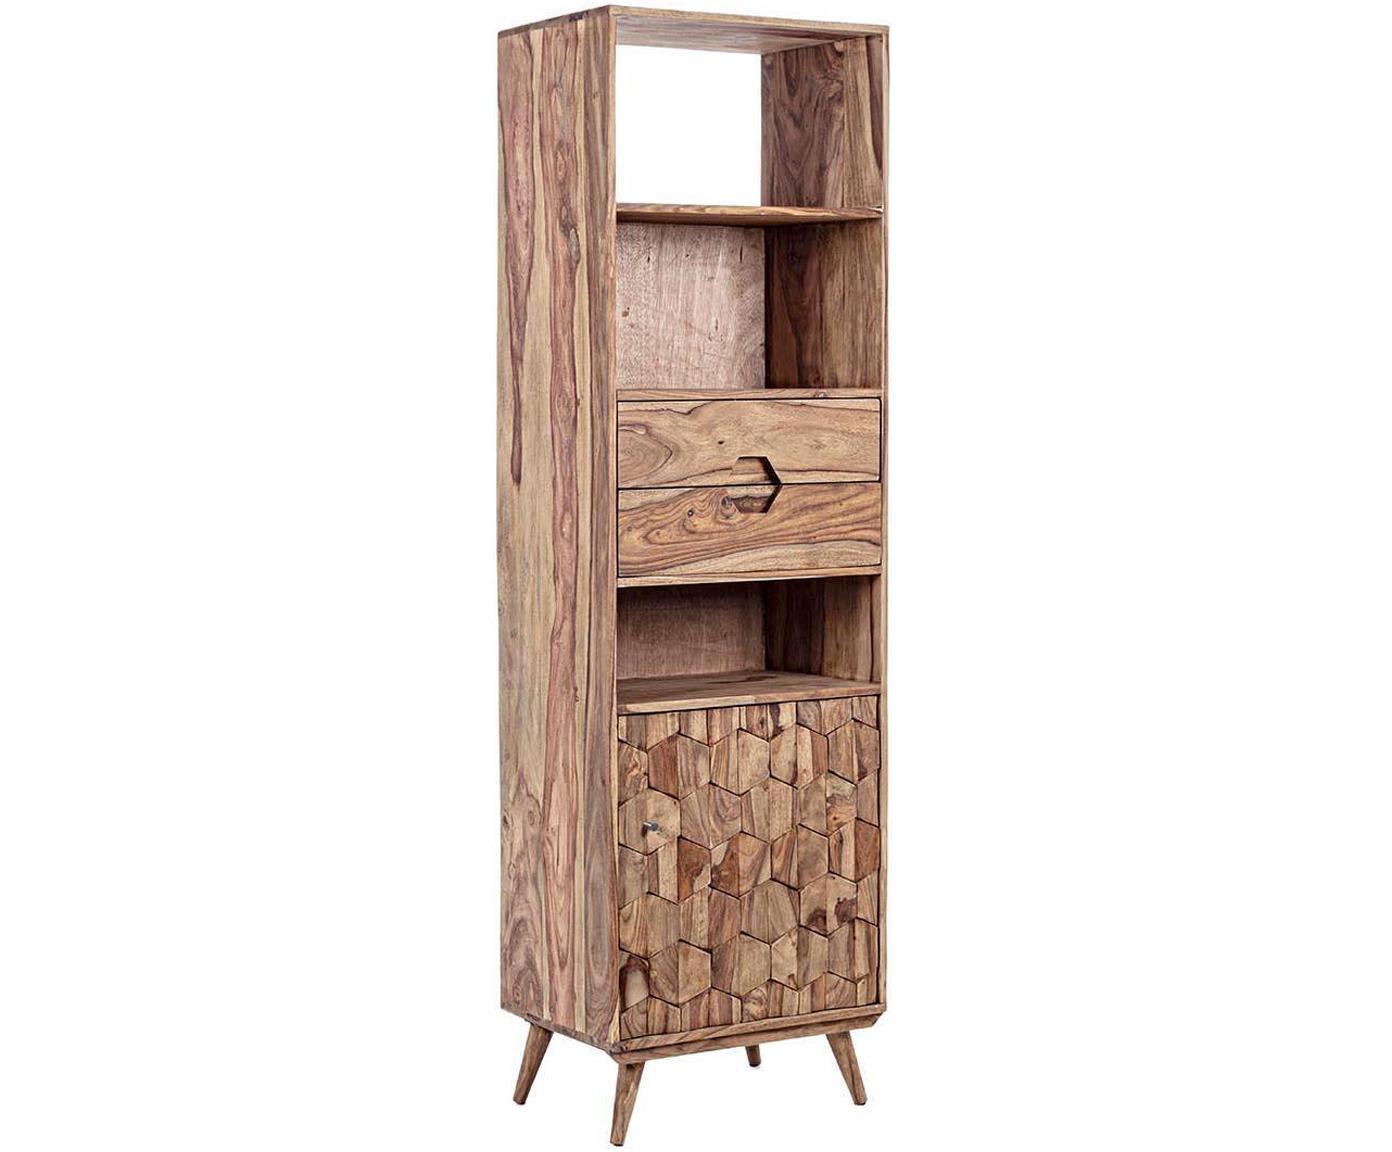 Estantería Kant, Estructura: madera de Sheesham, contr, Madera, An 58 x Al 194 cm